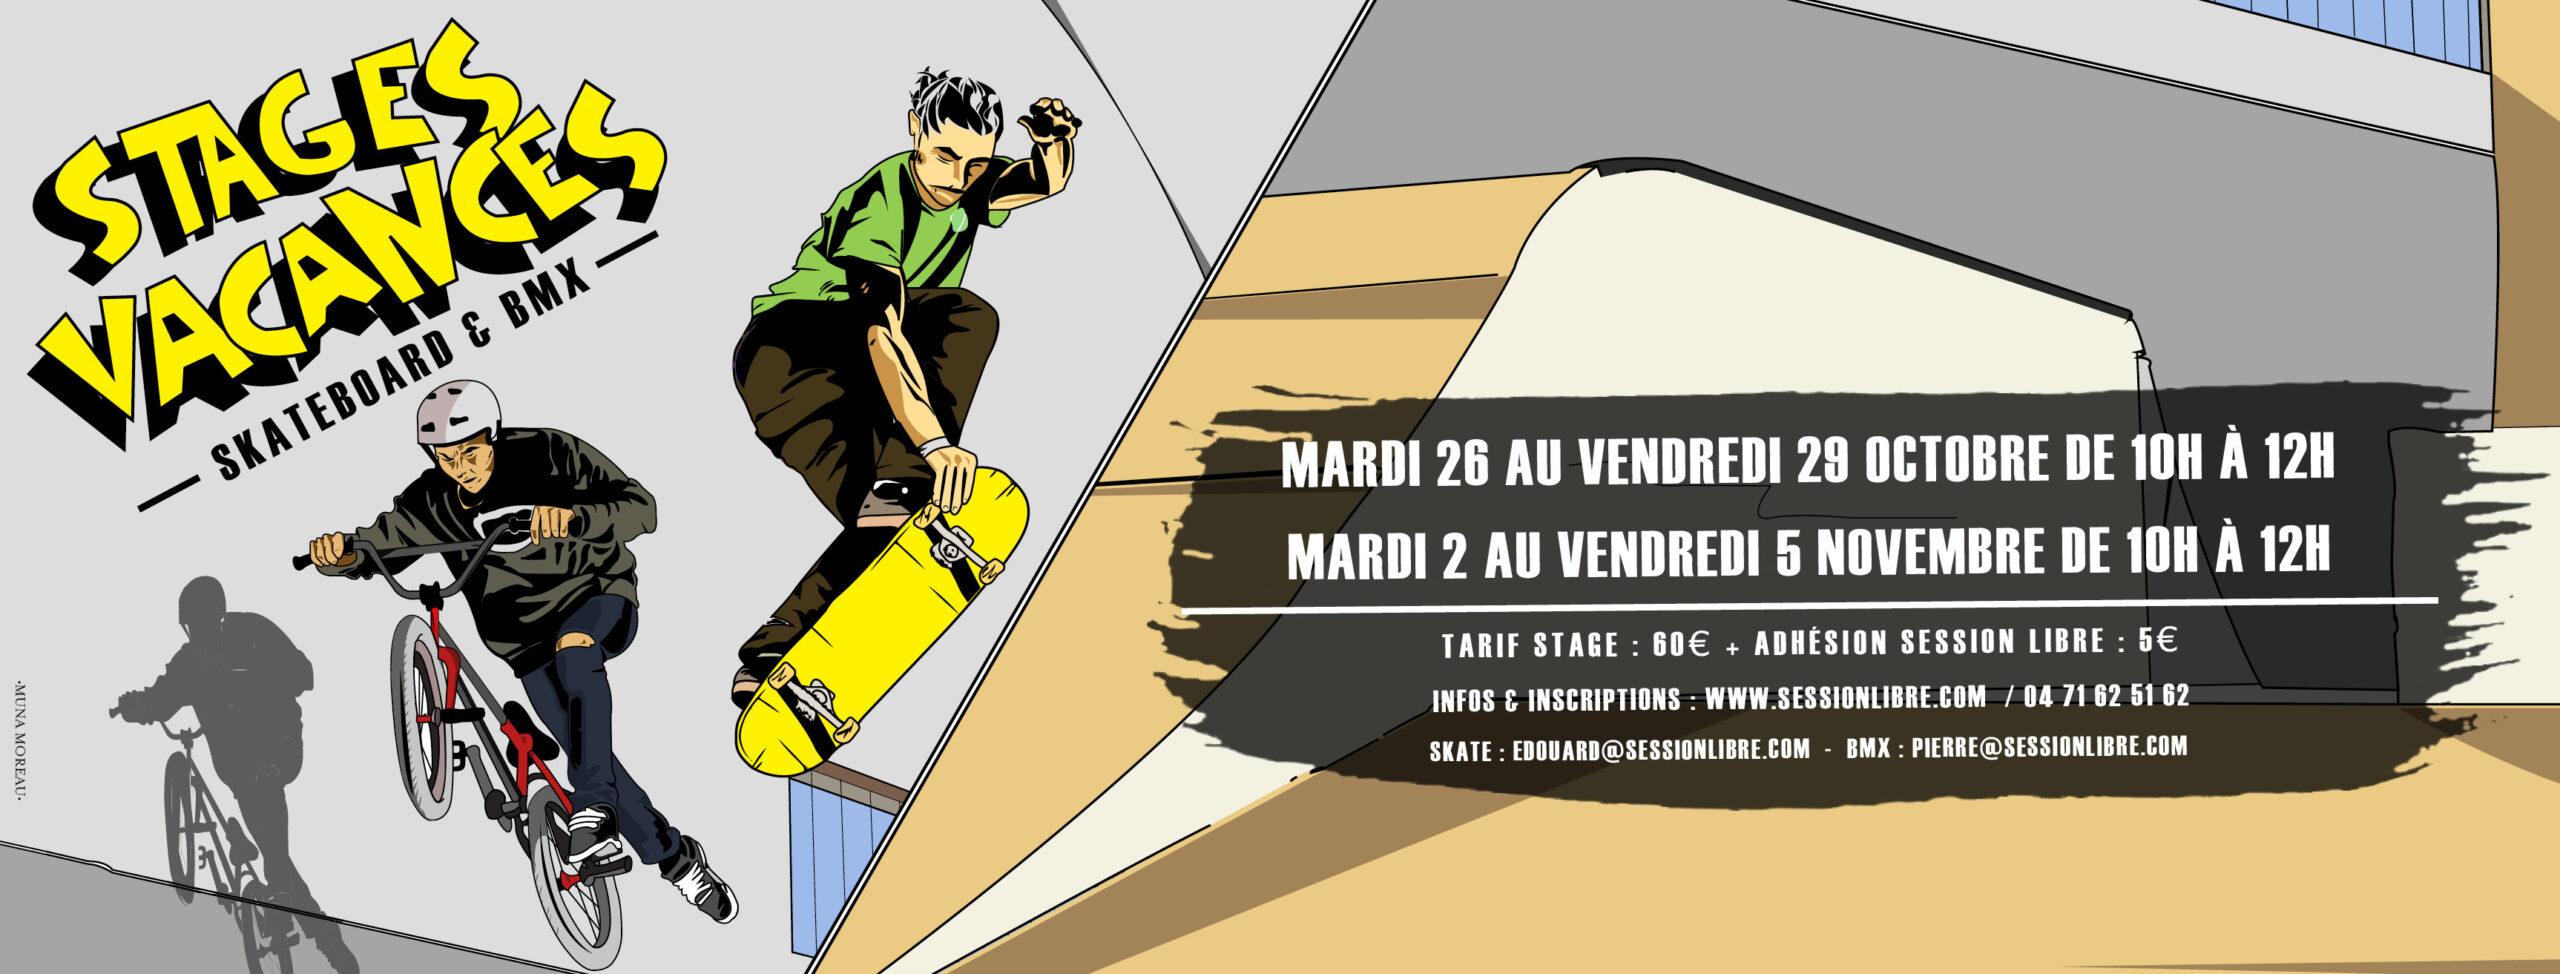 Stages Vacances d'automne (Skate / BMX)